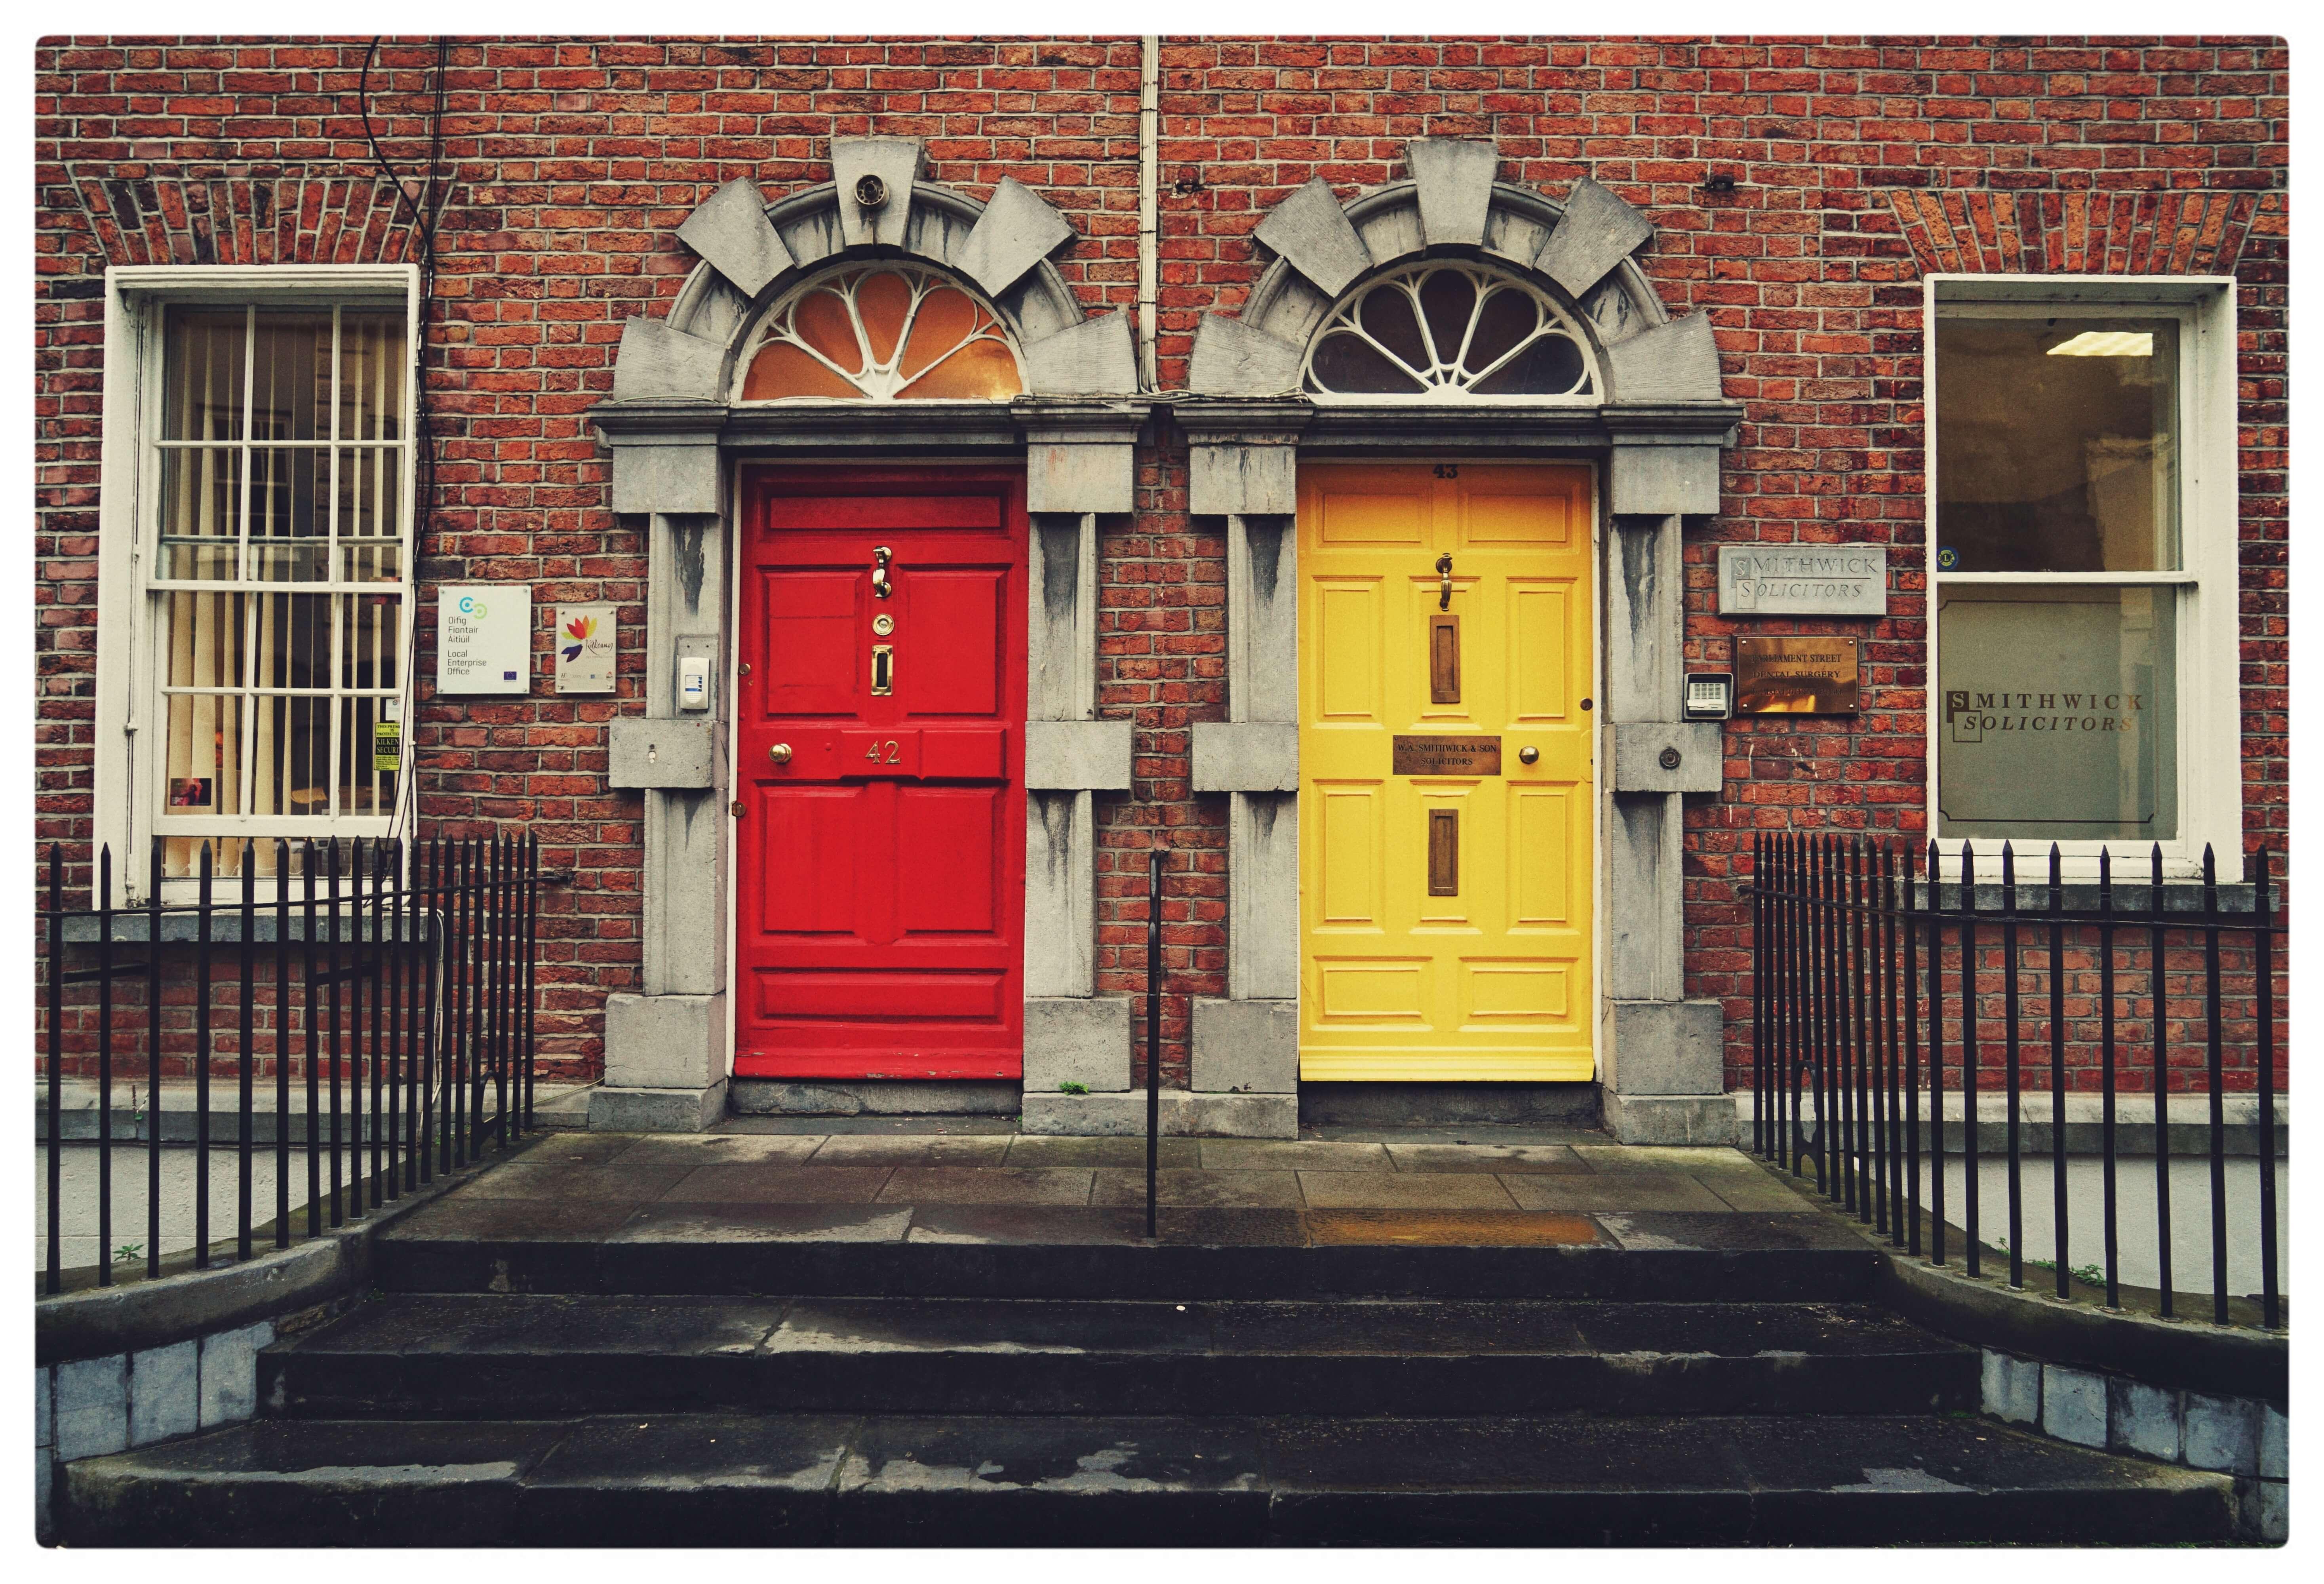 red door next to yellow door